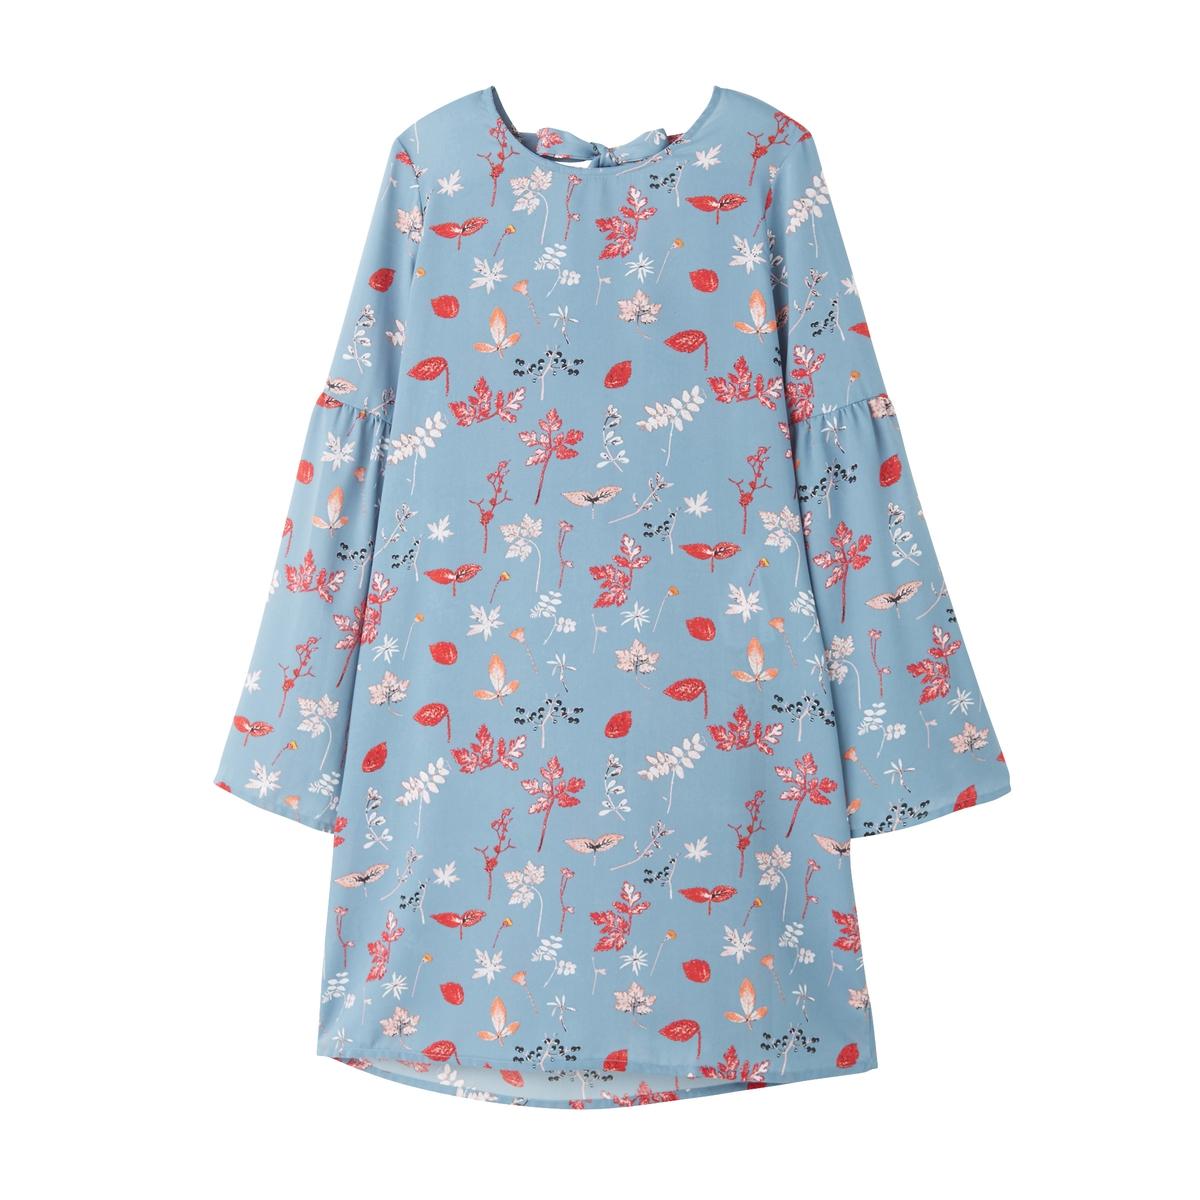 Платье расклешенное, короткое, однотонного цвета, с длинными рукавами